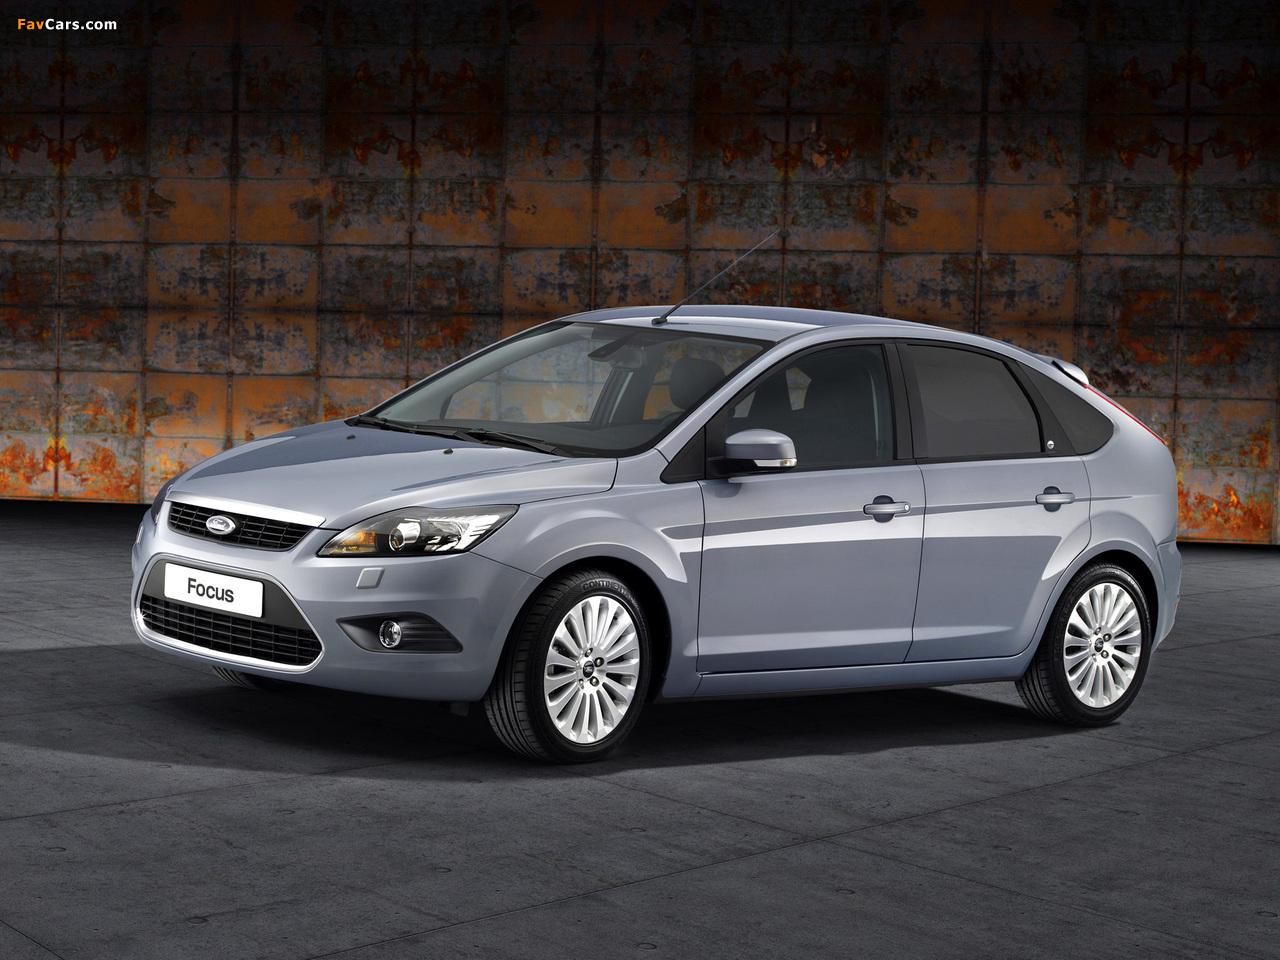 Купить Ford Focus (Форд Фокус 3), цены и комплектации 2017 ...